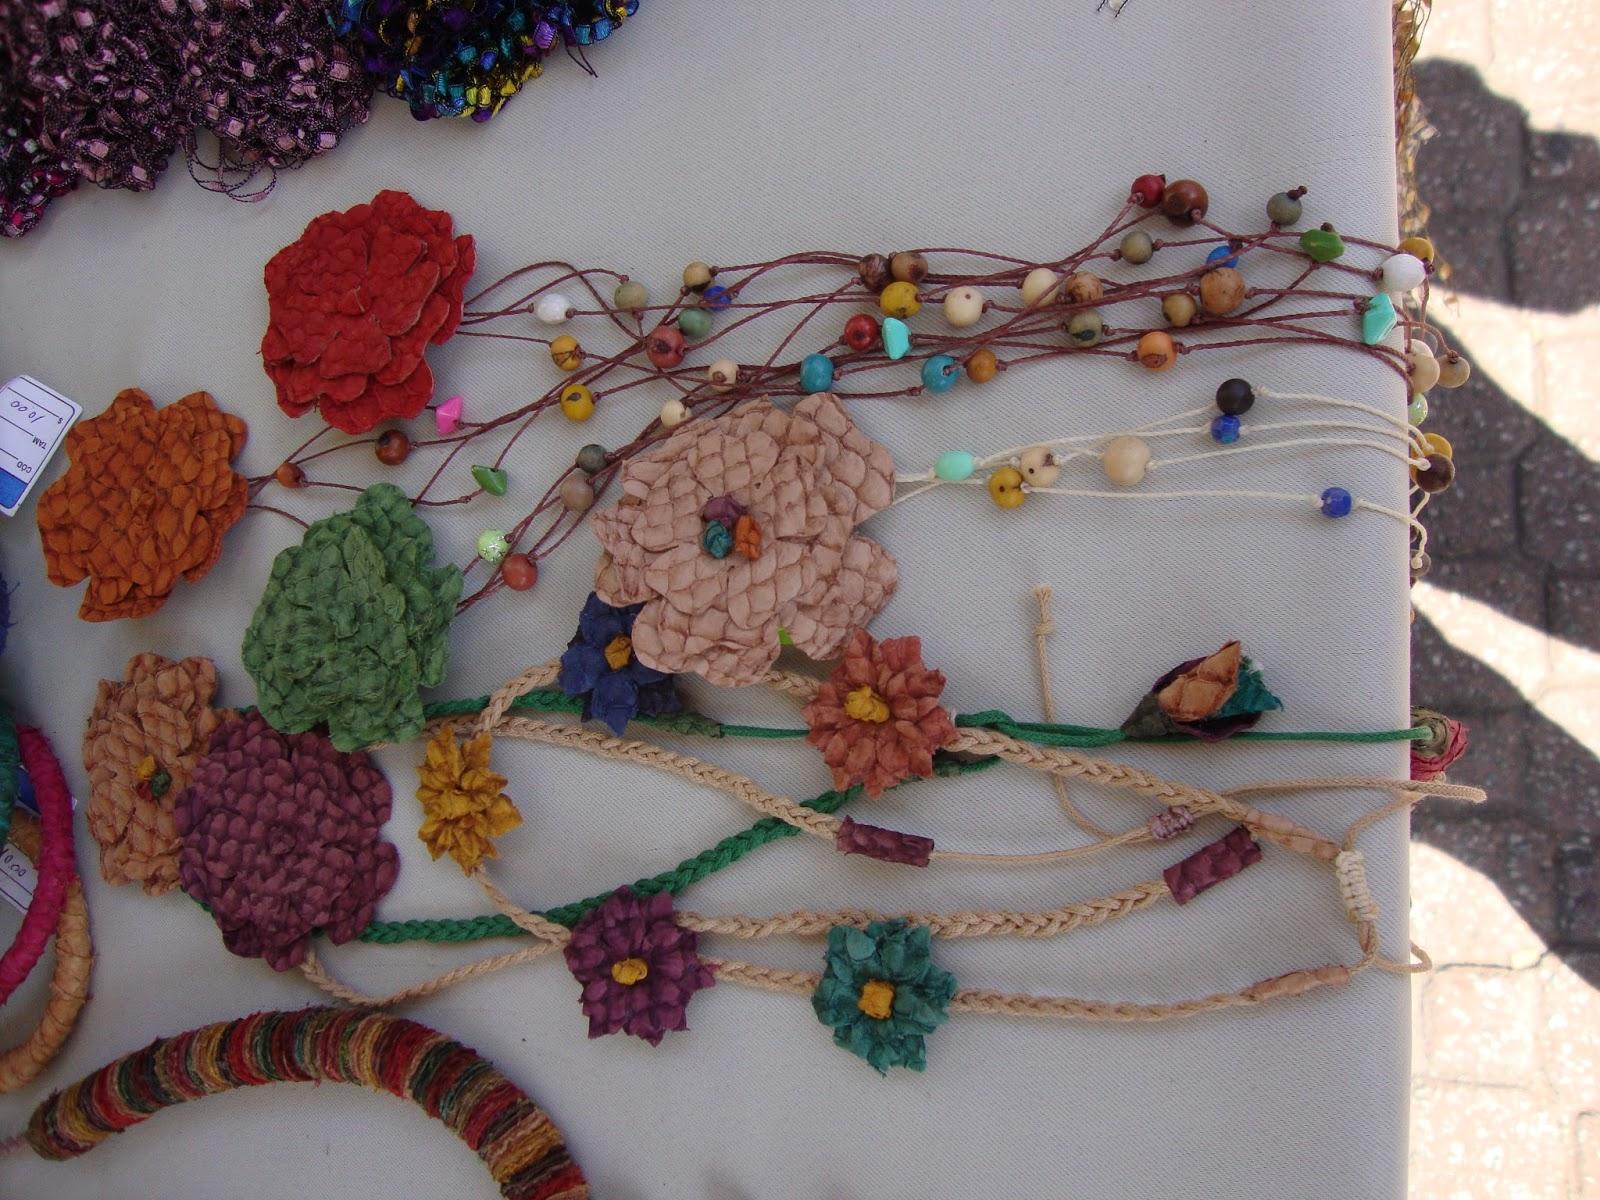 Artesanato Em Mdf Kit Higiene Para Bebe ~ Art' Cultura Embu Artesanato em Couro de Peixe na Feira de Artes de Embu das Artes